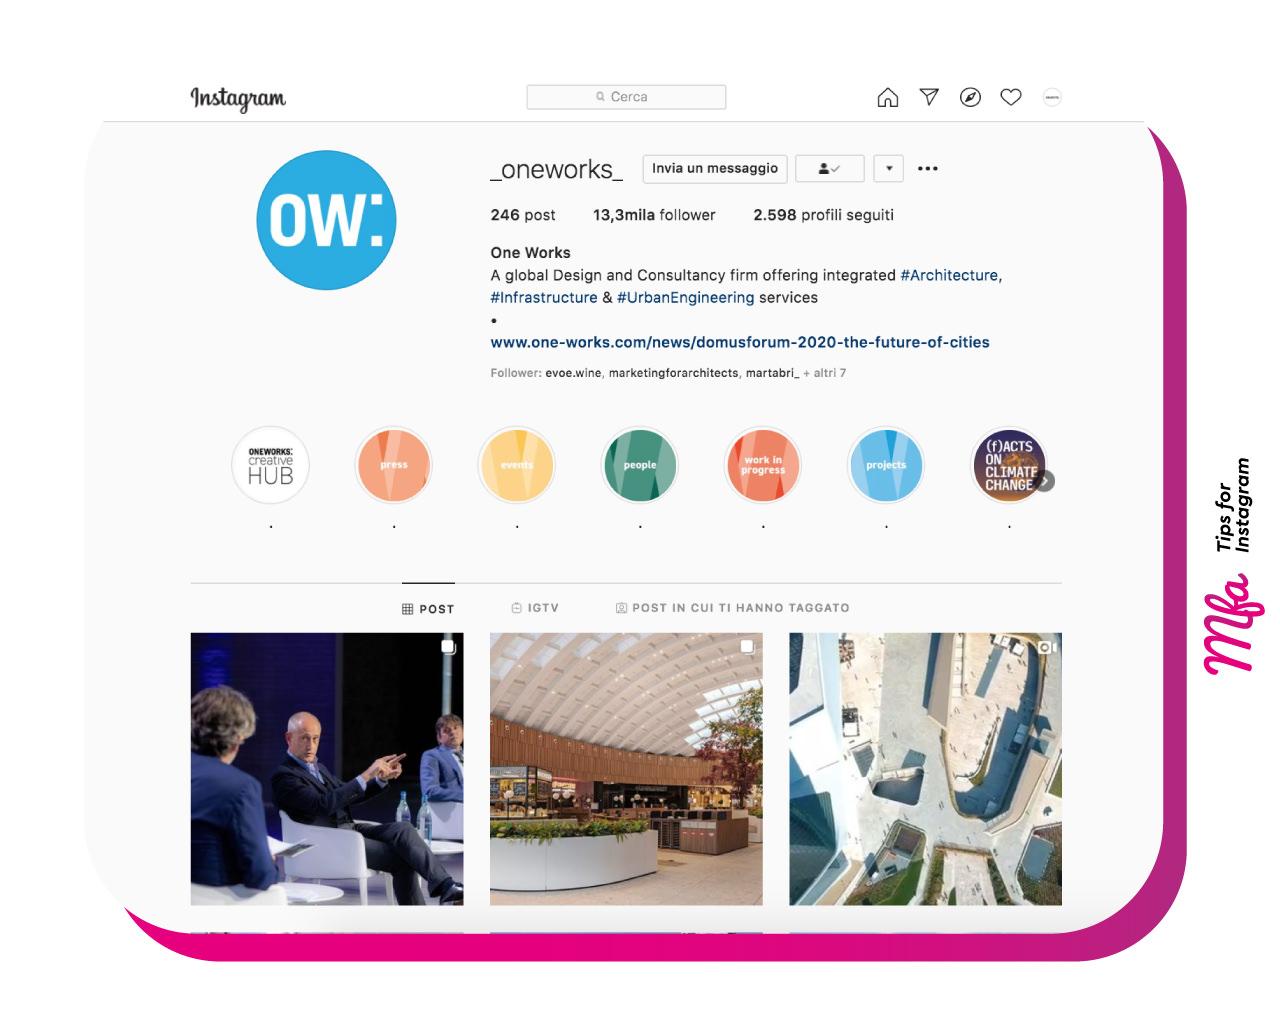 architettura da seguire su Instagram